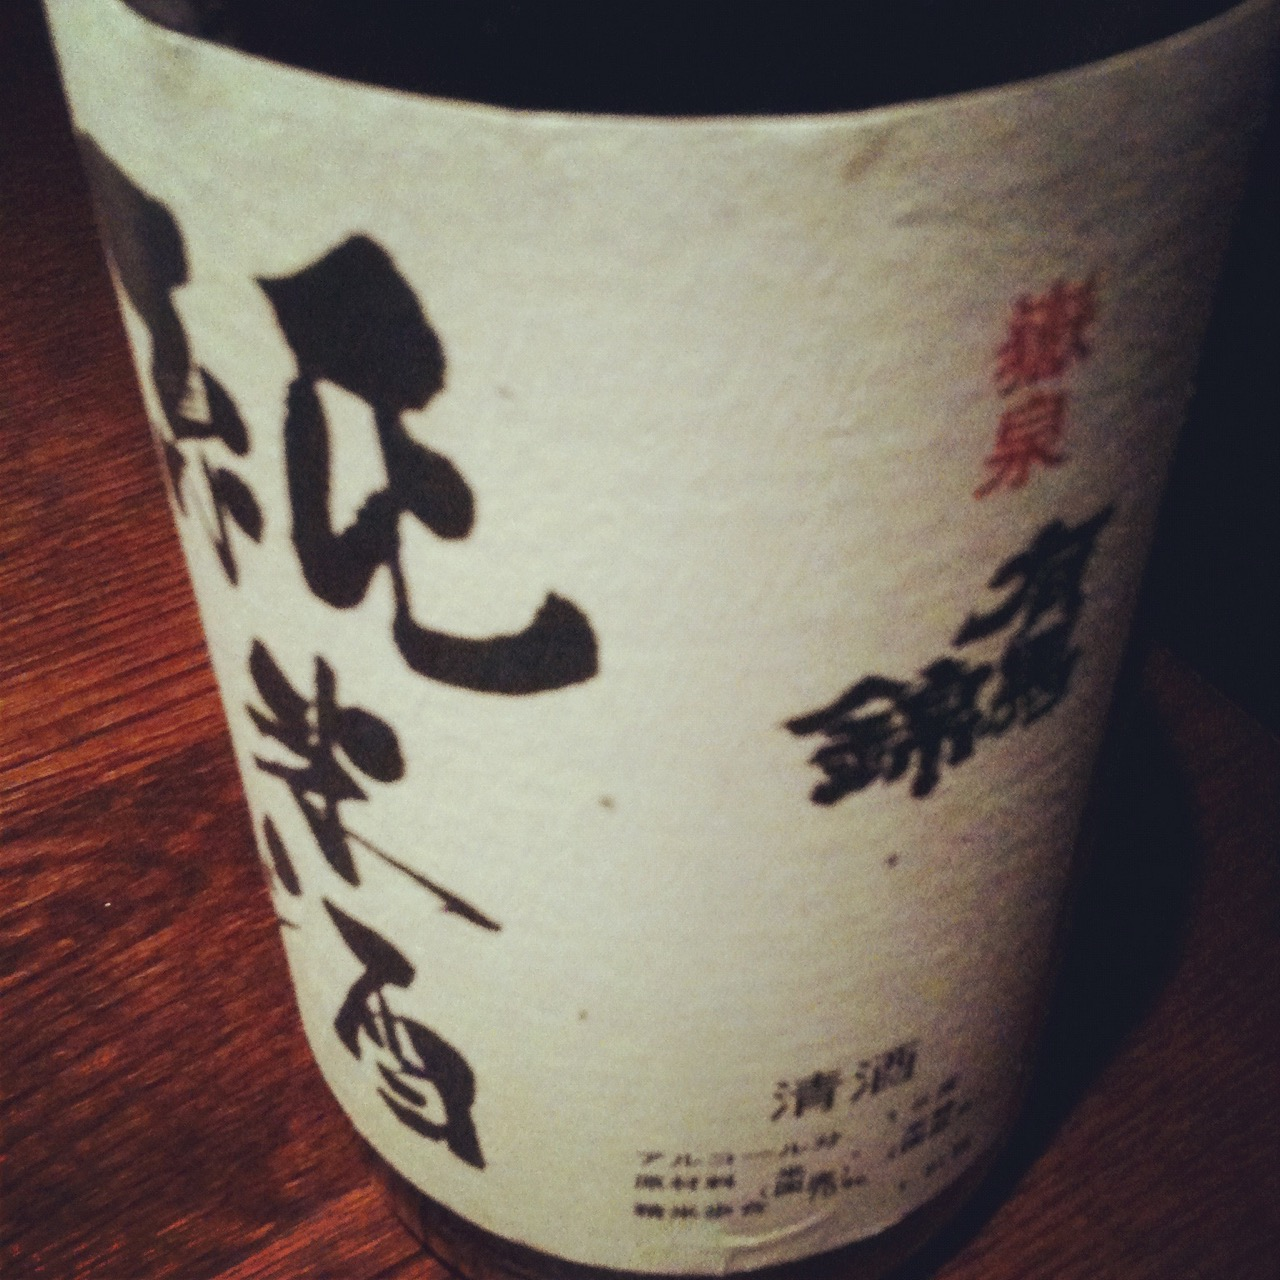 純米 嶽泉 有馬錦|日本酒テイスティングノート